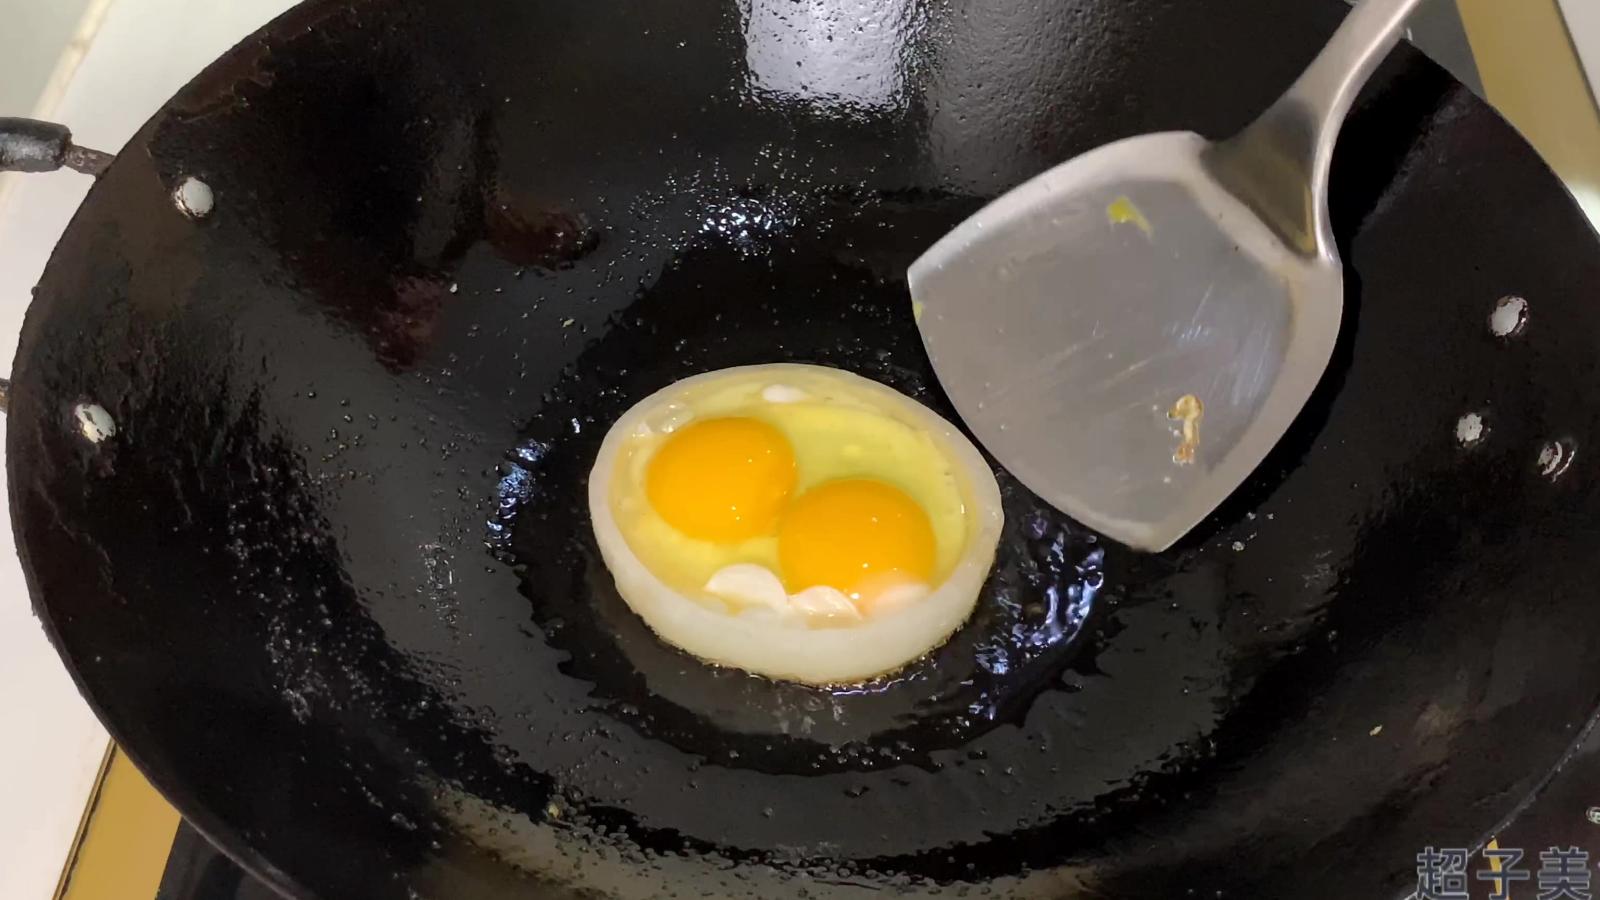 煎荷包蛋直接下锅就是大错特错,教你三种方法和技巧,保证不散不粘锅